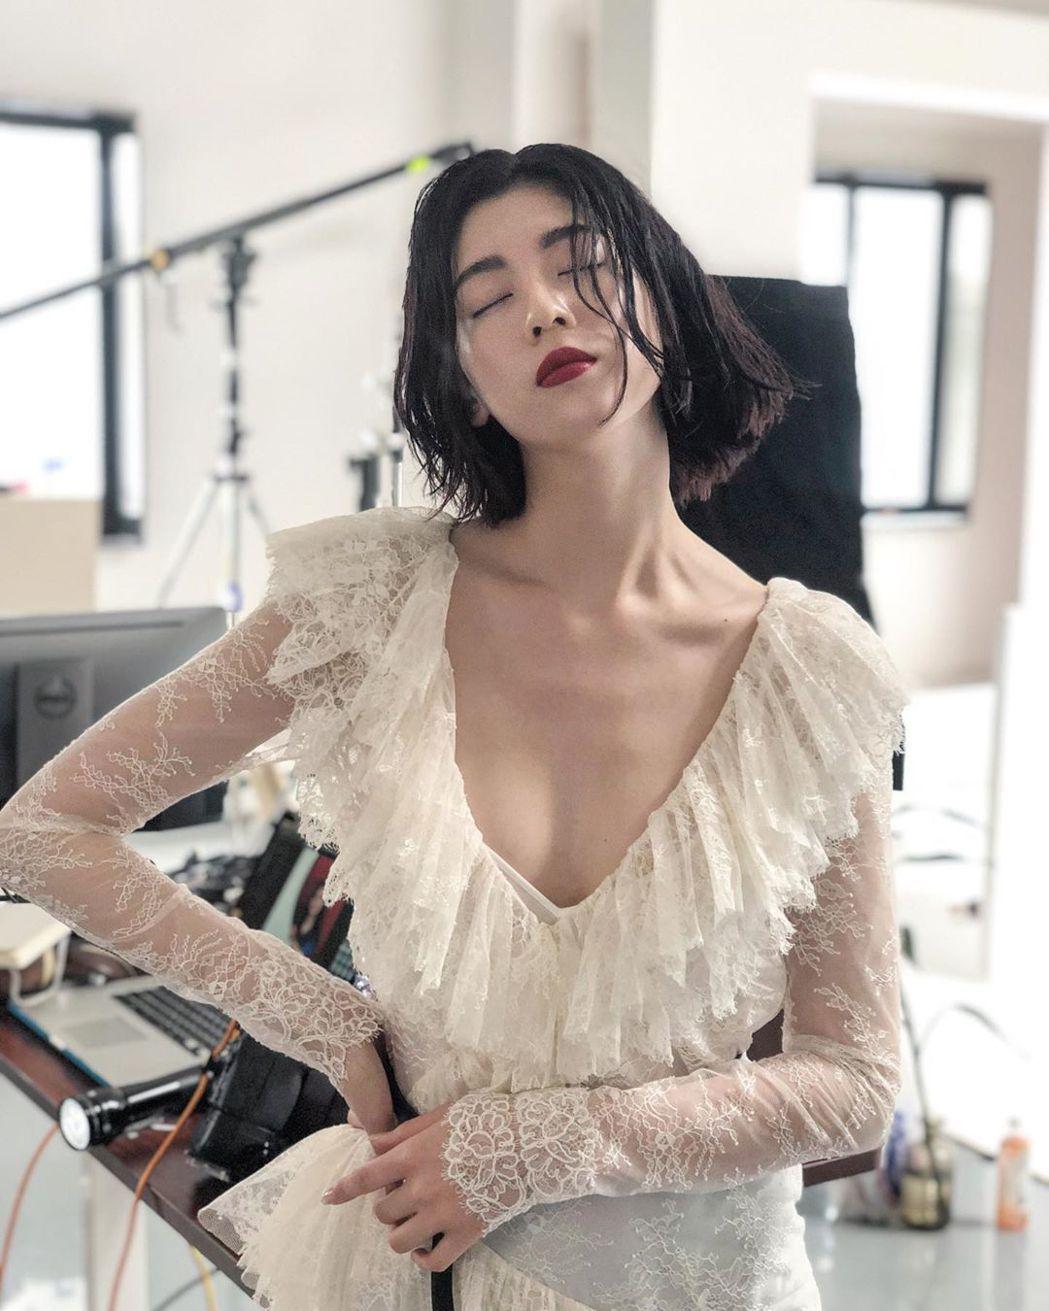 三吉彩花是演員、模特兒。 圖/擷自三吉彩花IG